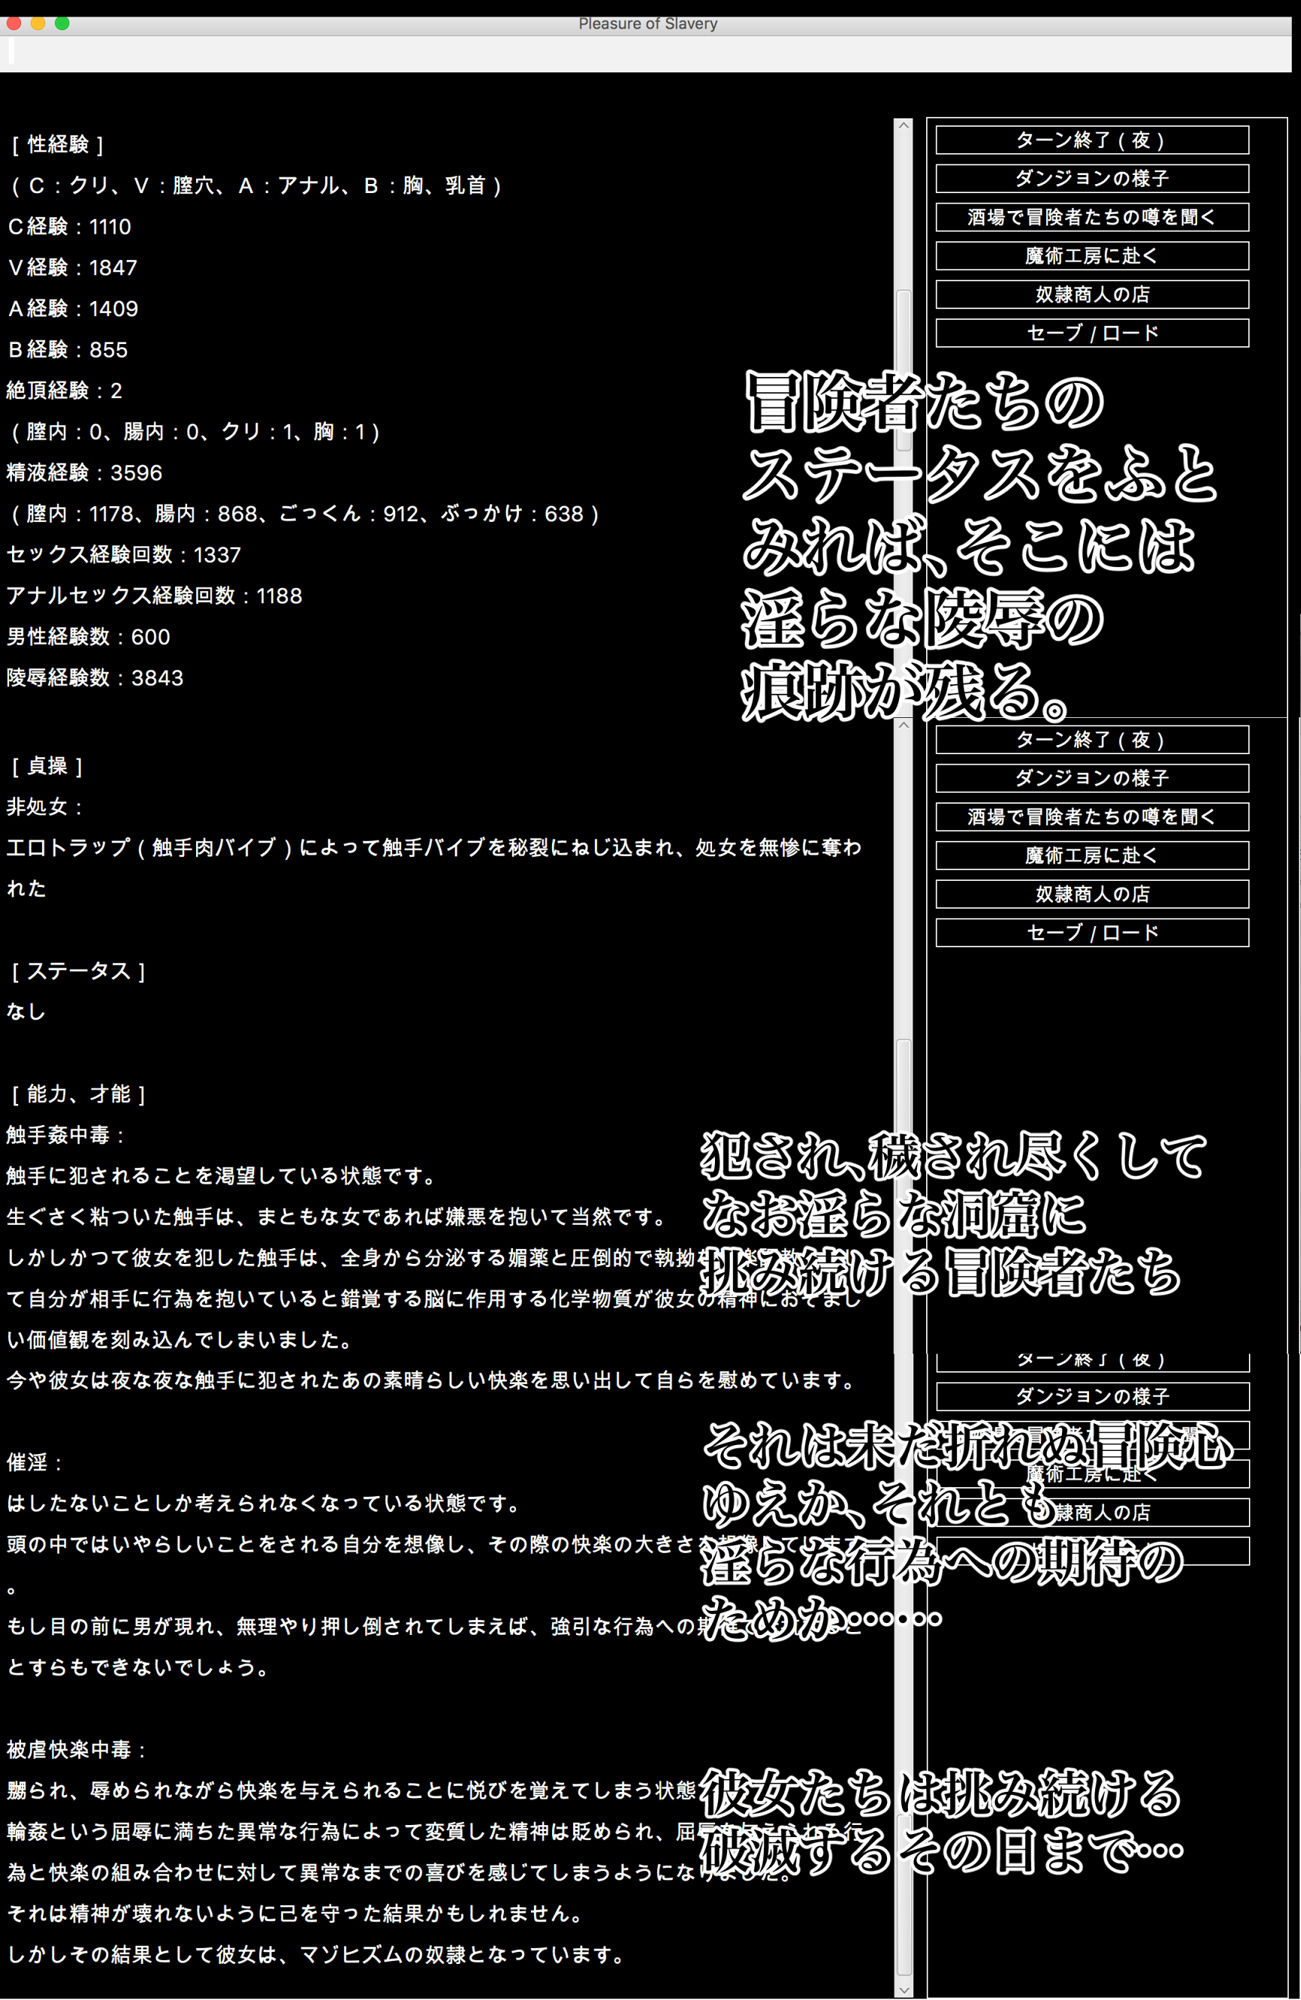 【幻灯摩天楼 同人】幻想エロトラップダンジョン敗北陵辱冒険記4